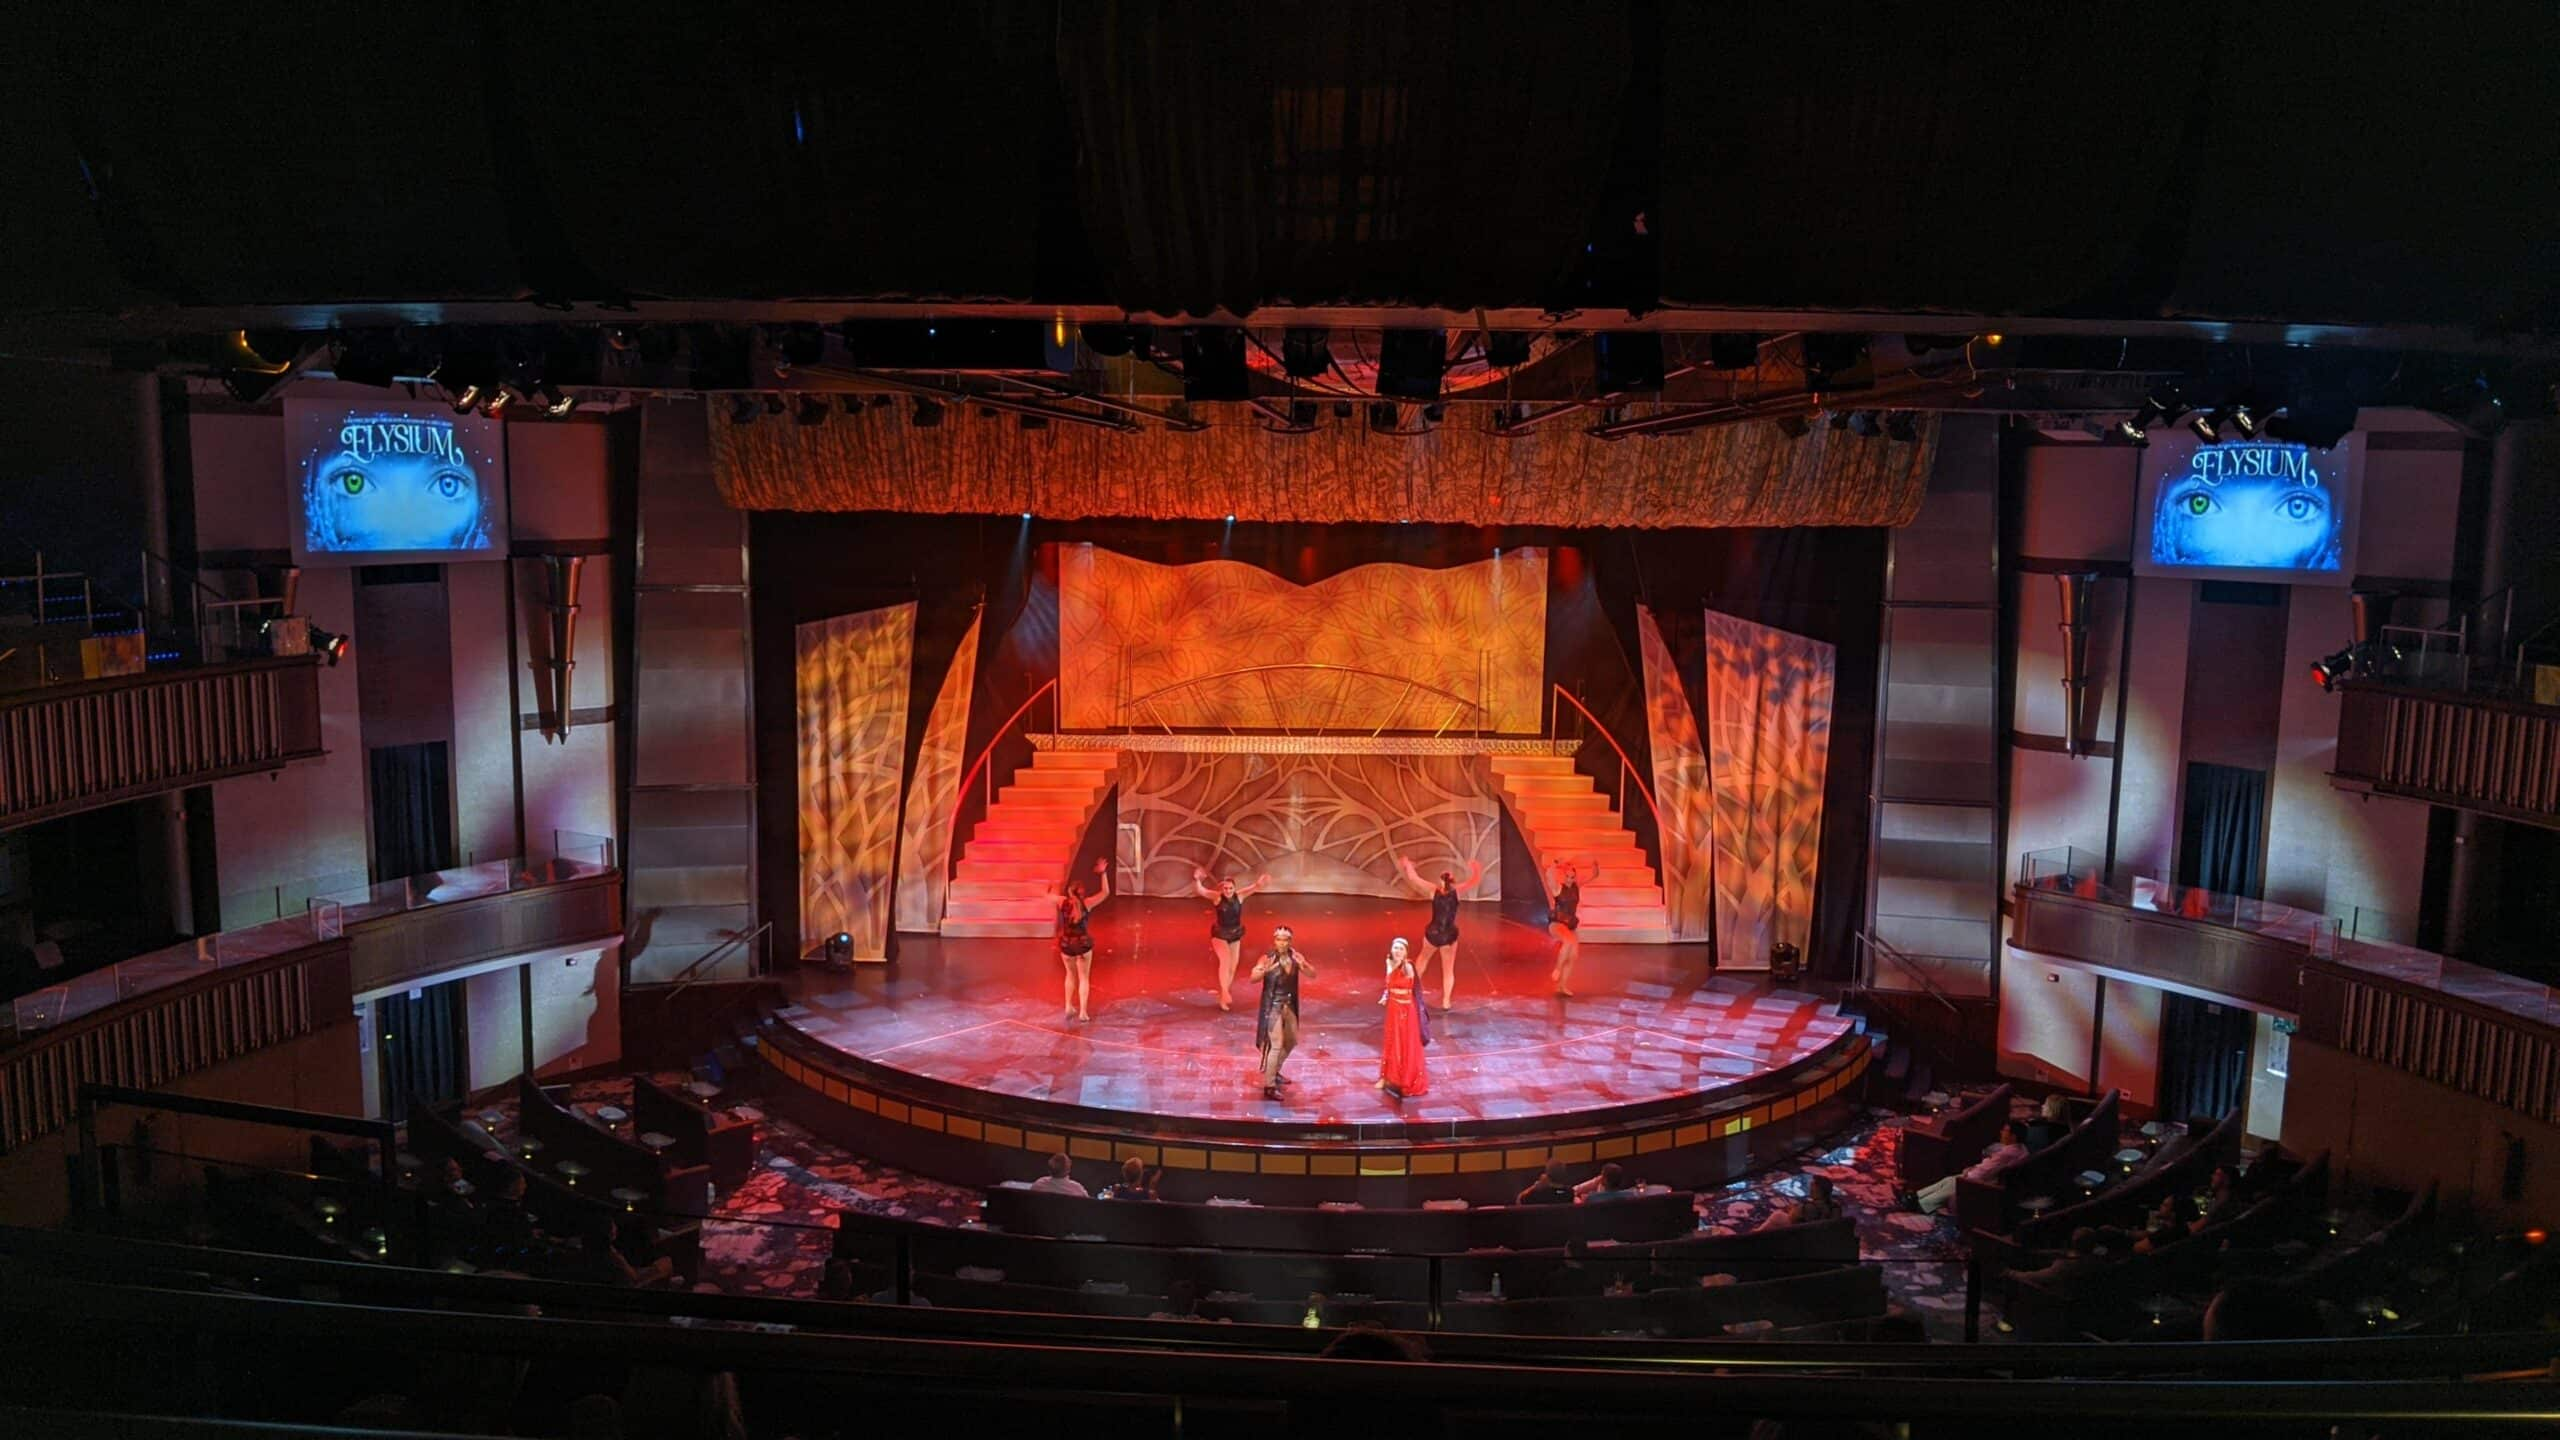 Celebrity Millennium Theatre